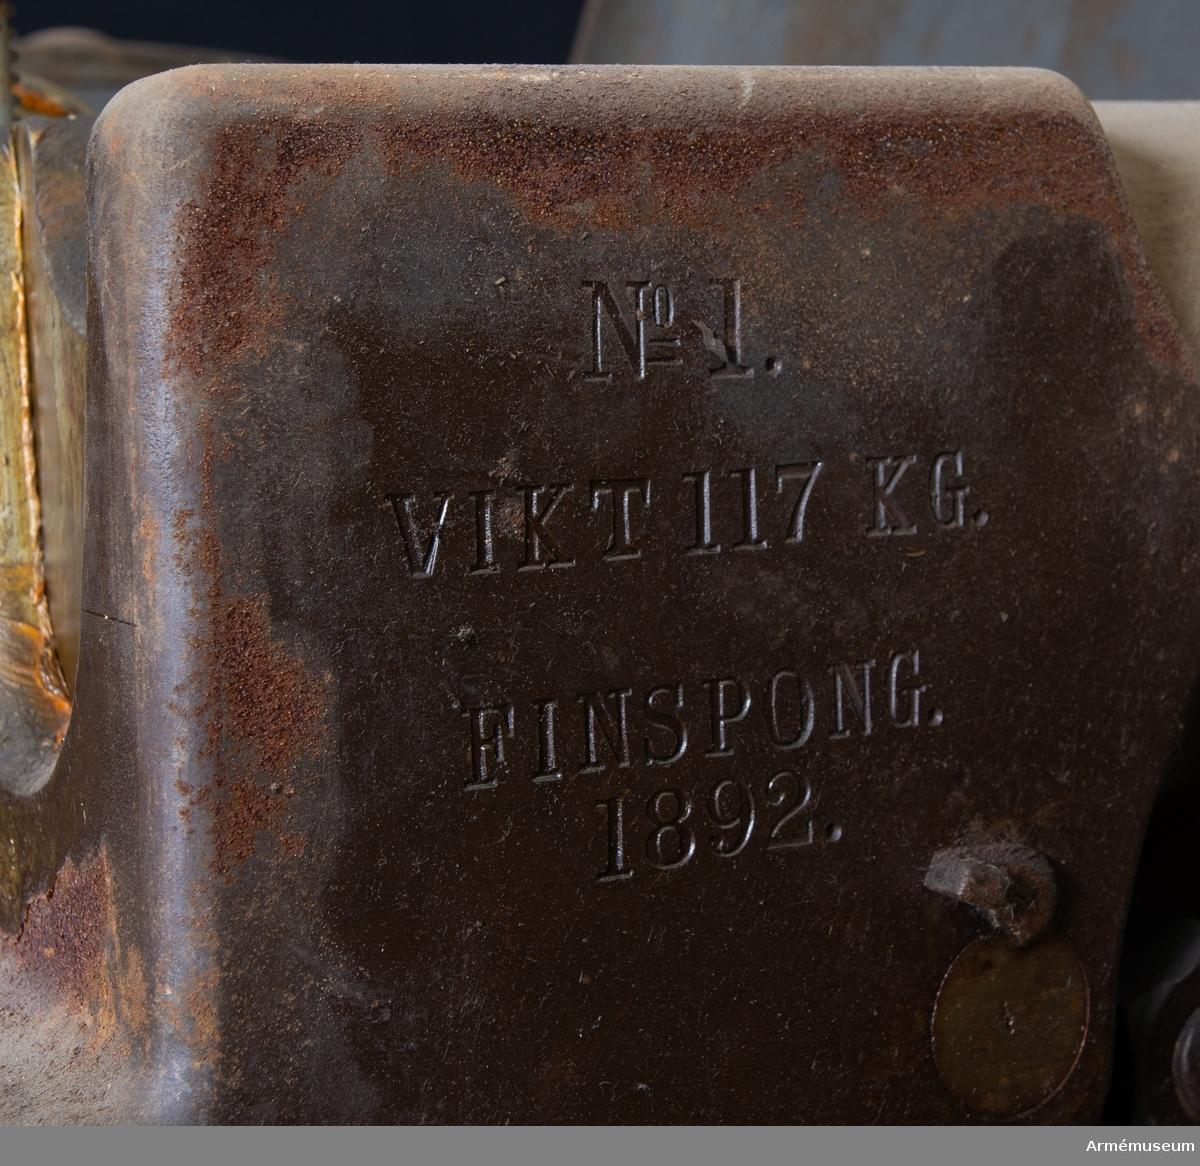 Grupp F I. Eldrör till 5 cm kanon fm/1892. Provskjuten 1892. Senare kallad 47 mm snabbskjutande kanon m/1892. Tillverkningsnummer 1. 37 mm kanon, batteri no 5, Finspång 1892.